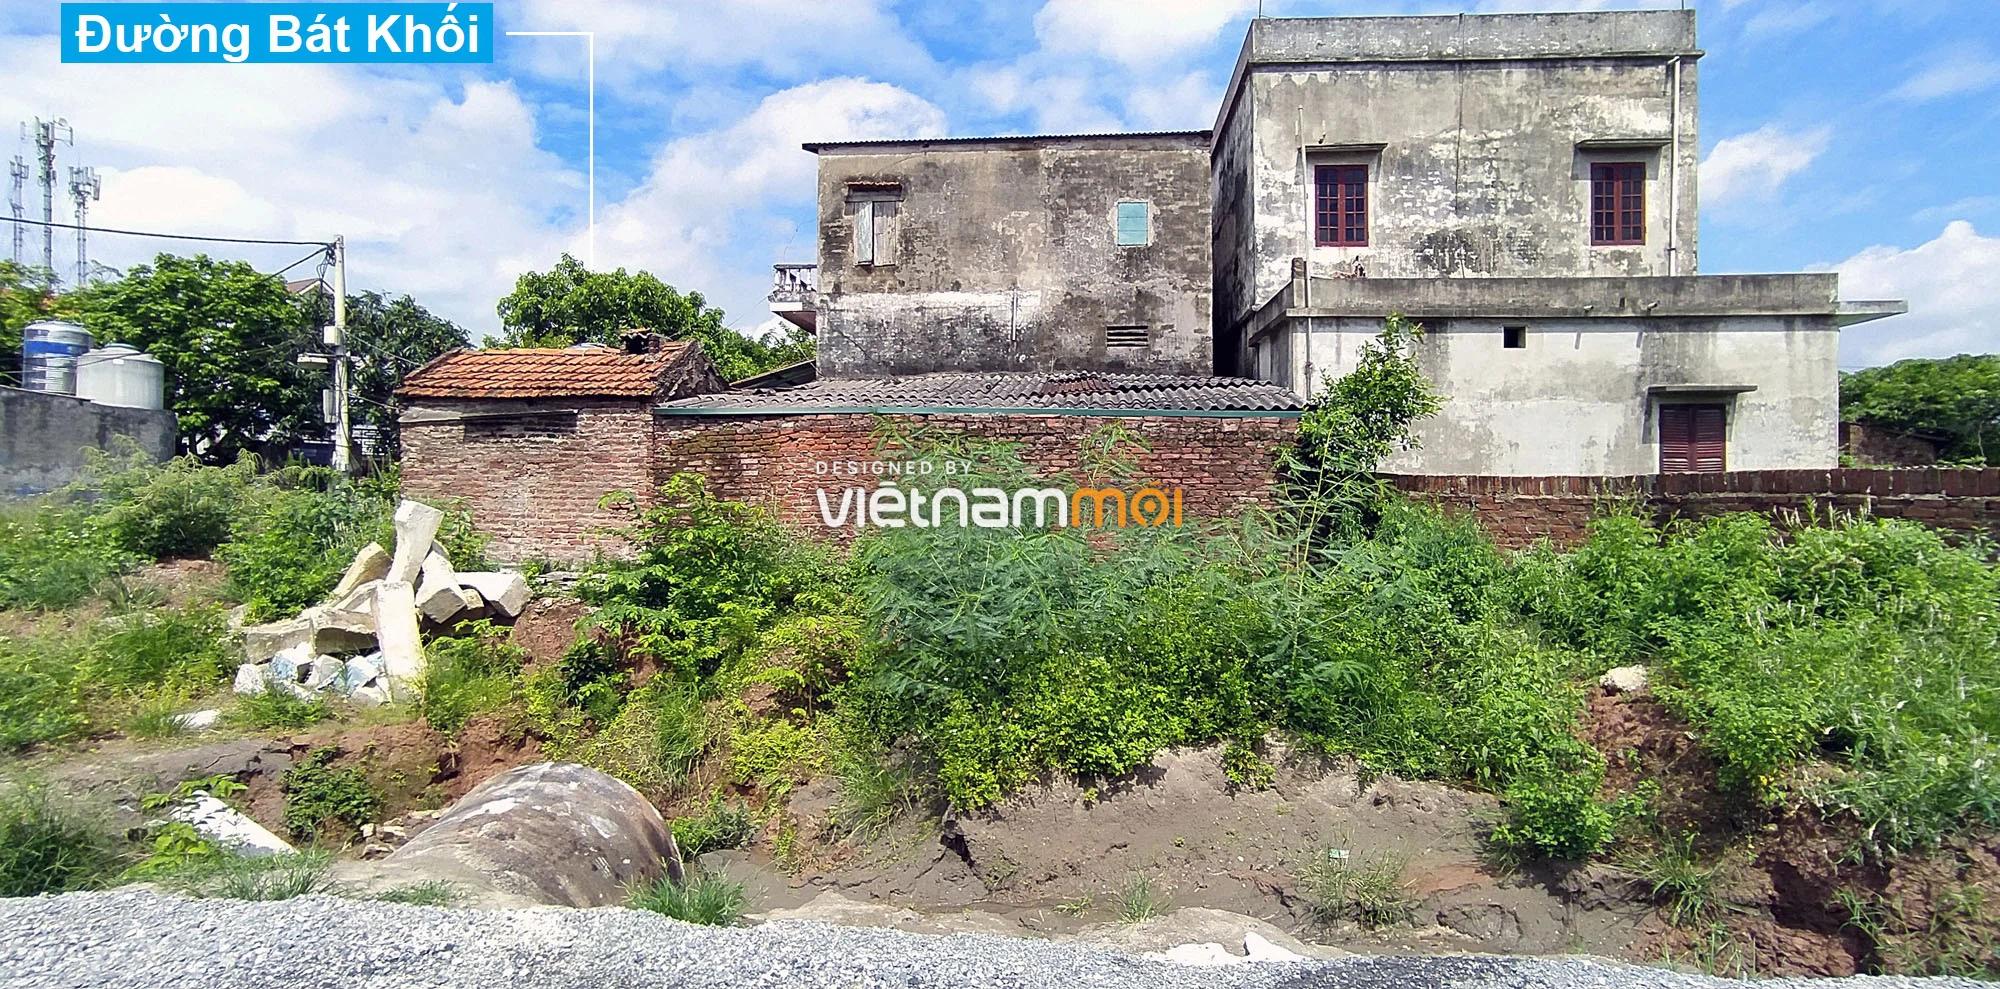 Toàn cảnh đường nối Bát Khối - QL1A đang mở theo quy hoạch ở quận Long Biên, Hà Nội - Ảnh 11.